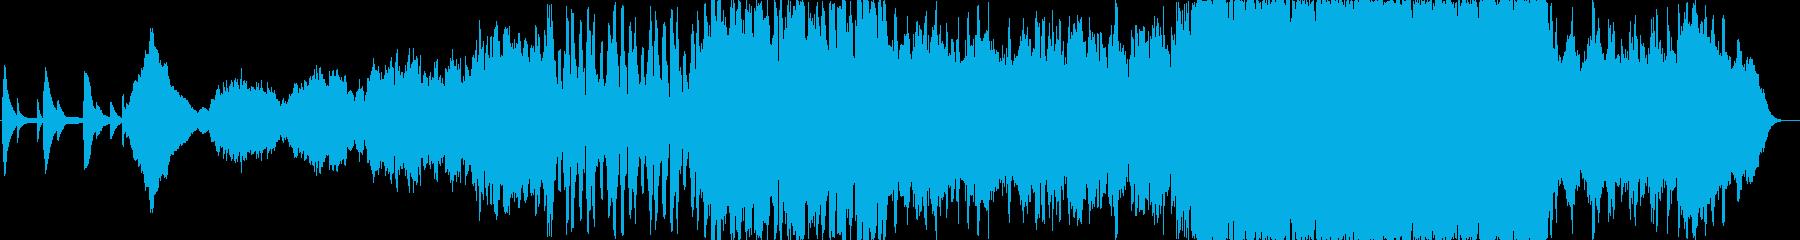 オーケストラで物語のOPの再生済みの波形